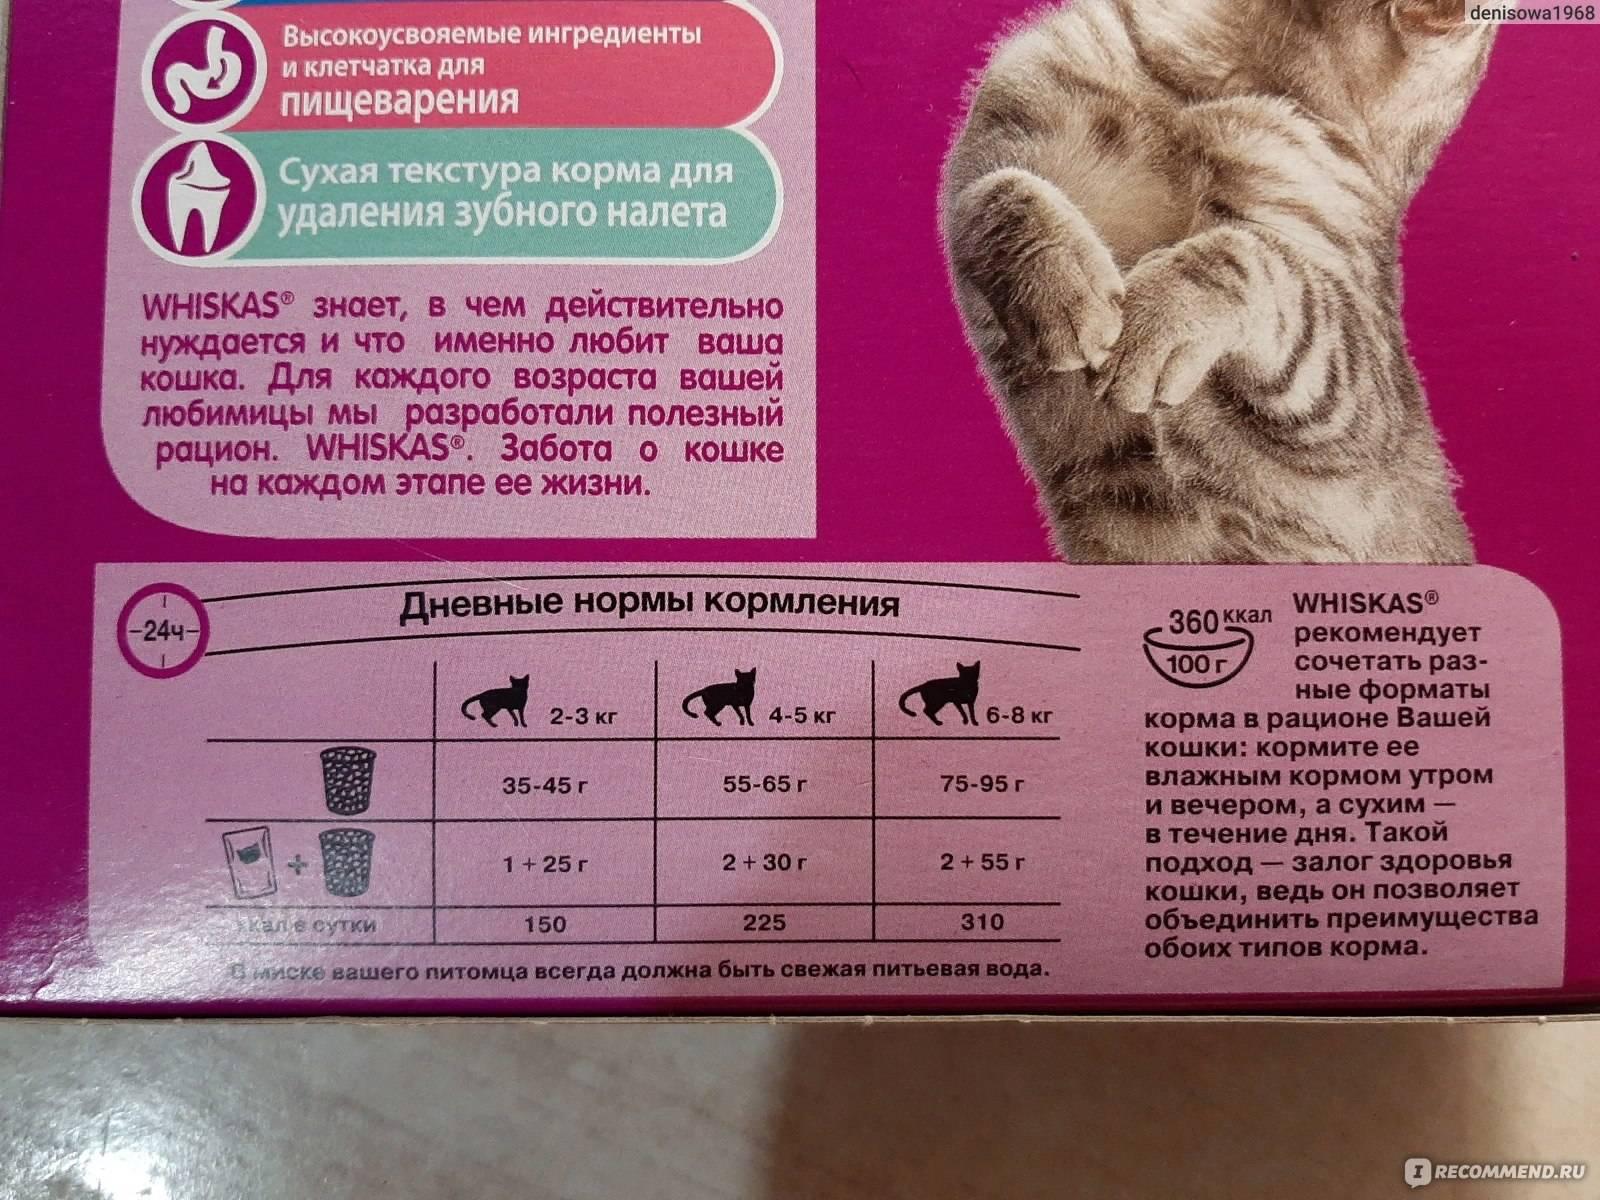 Сухой корм для кошек грандорф отзывы ветеринаров — grandorf kitten